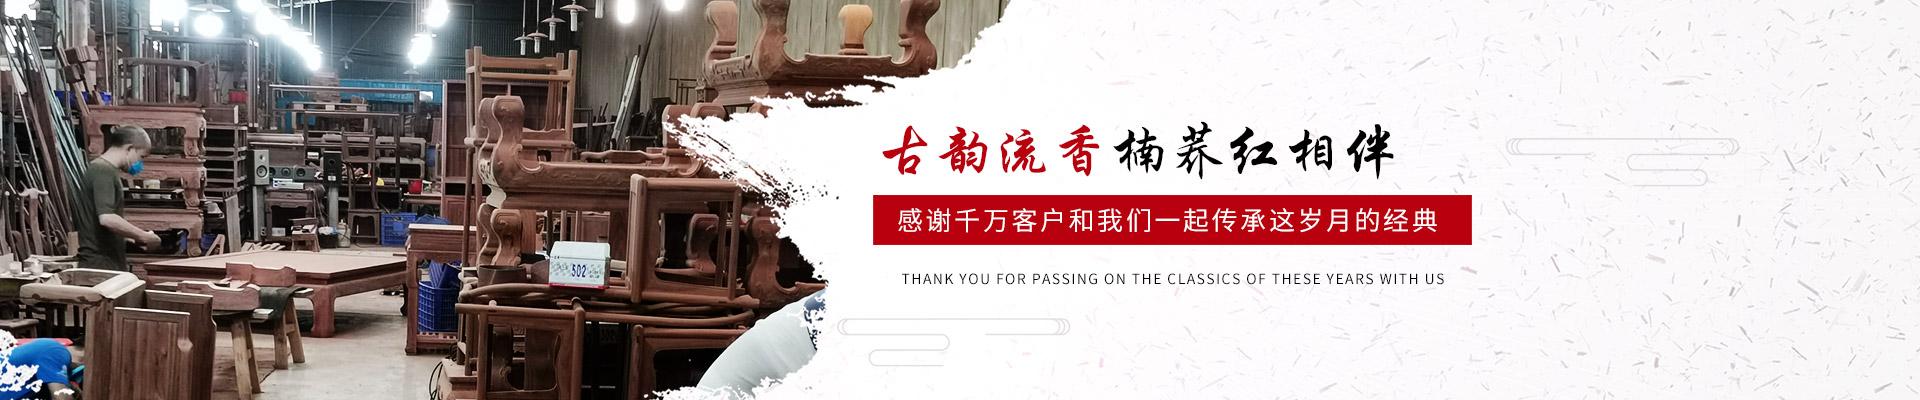 楠荞红感谢千万客户和我们一起传承这岁月的经典